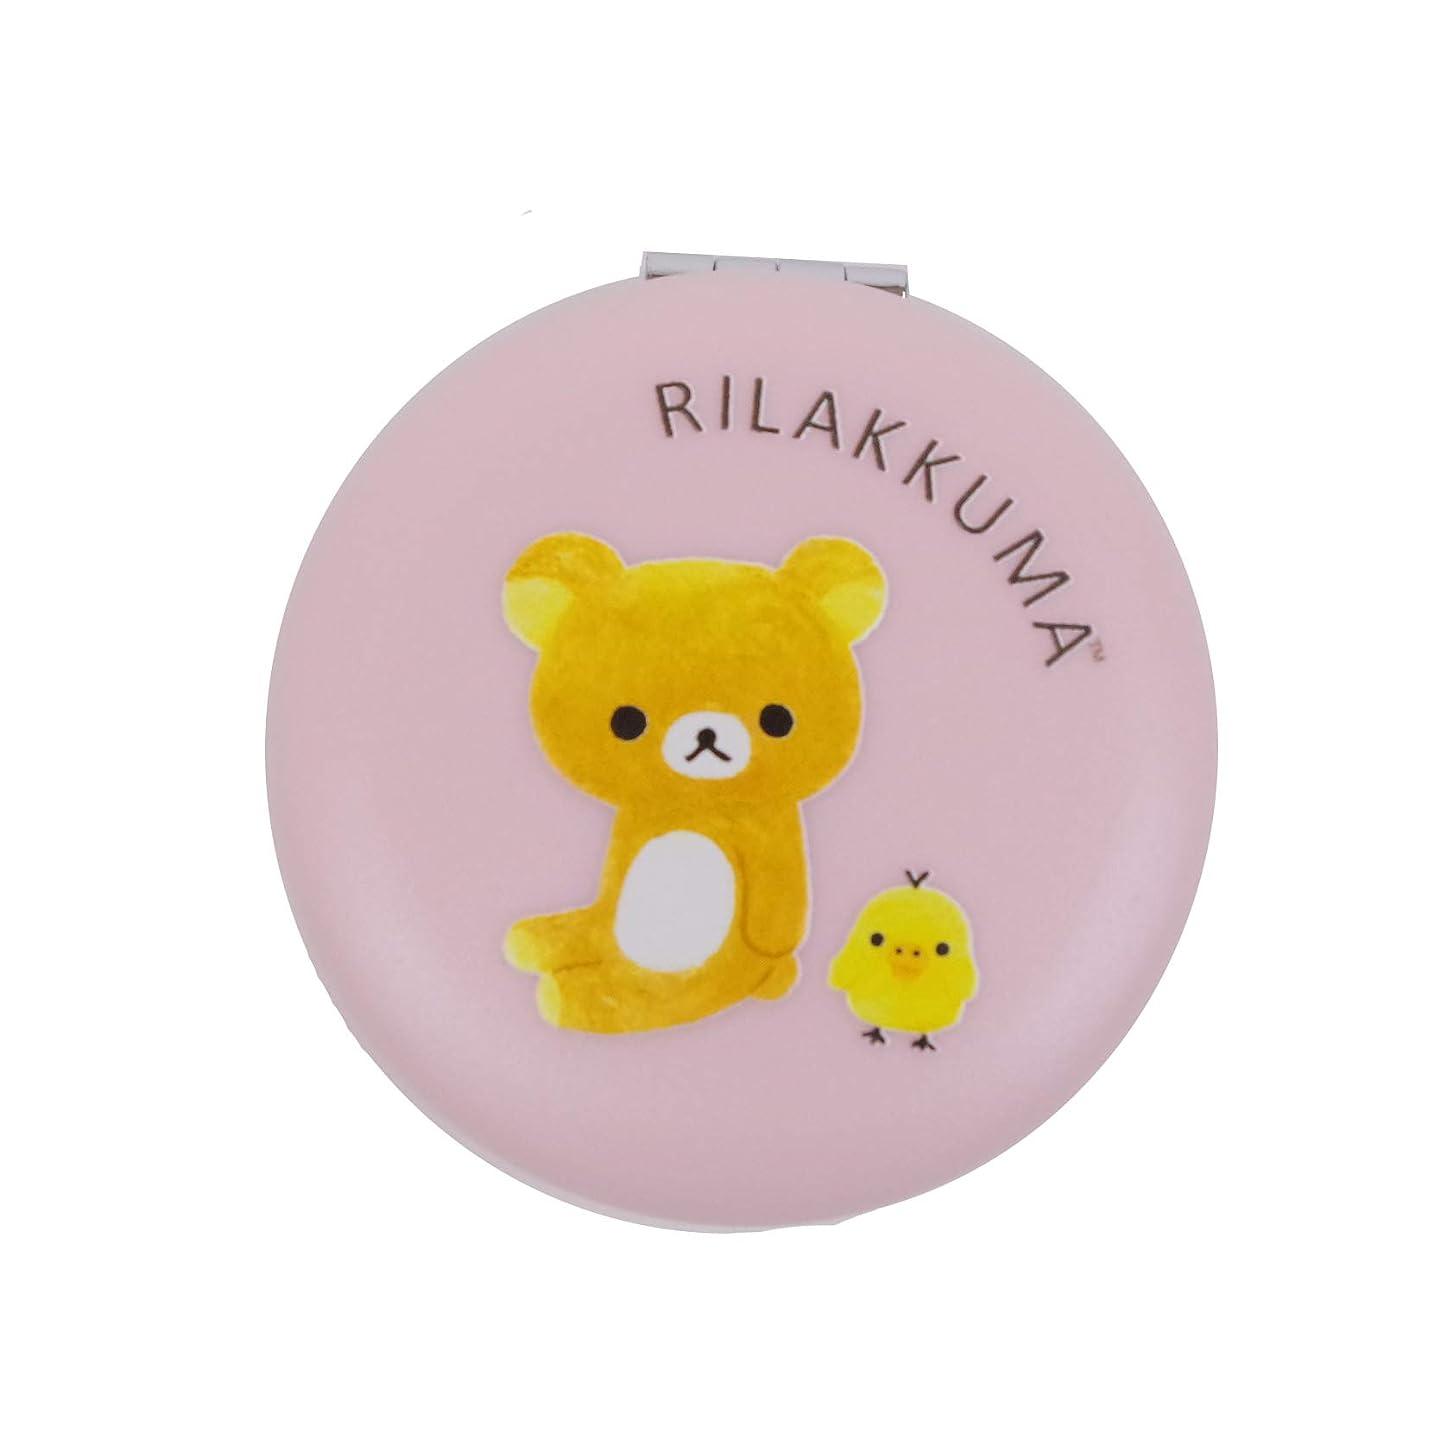 【リラックマ】マカロンミラー(ピンク) リラックマスタイル 063300